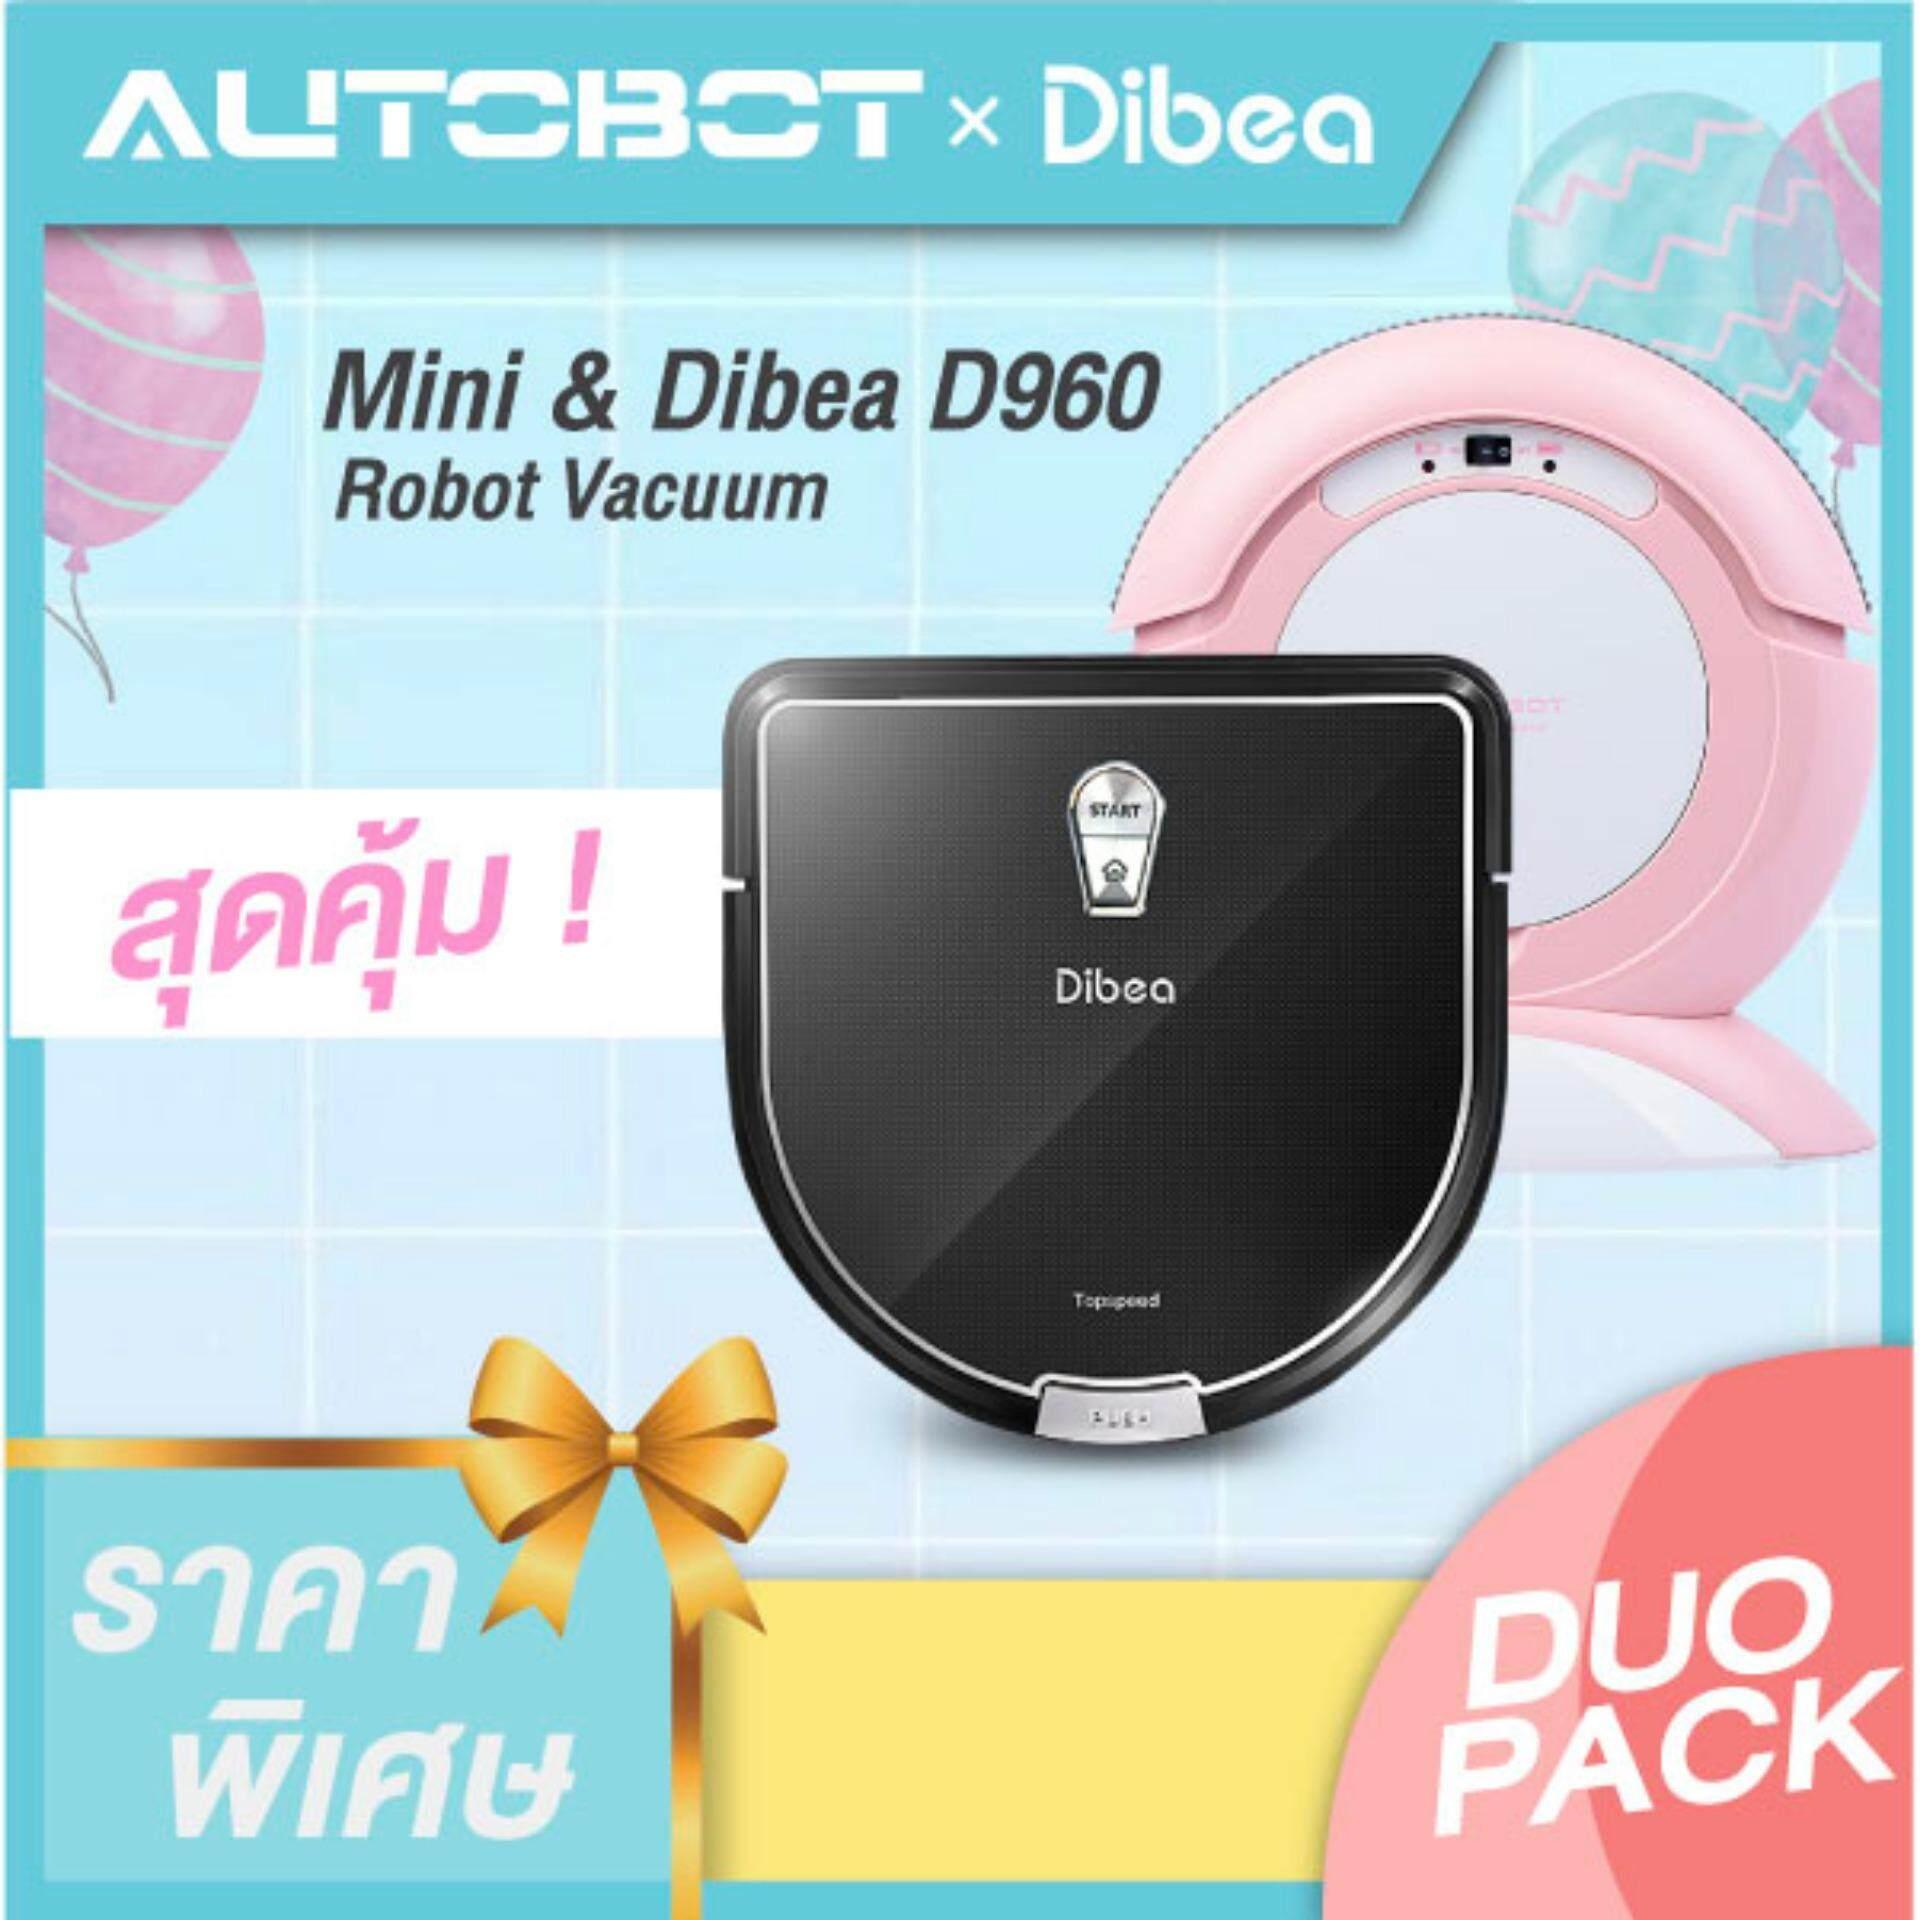 ซื้ออนไลน์  [ ผ่อน 0% ] AUTOBOT saving pack โรบอท หุ่นยนต์ดูดฝุ่น เครื่องดูดฝุ่น ถูพื้น Smart Hybrid Robot vacuum cleaner รุ่น ( D960 / Mini Pink ) ซื้อที่ไหน